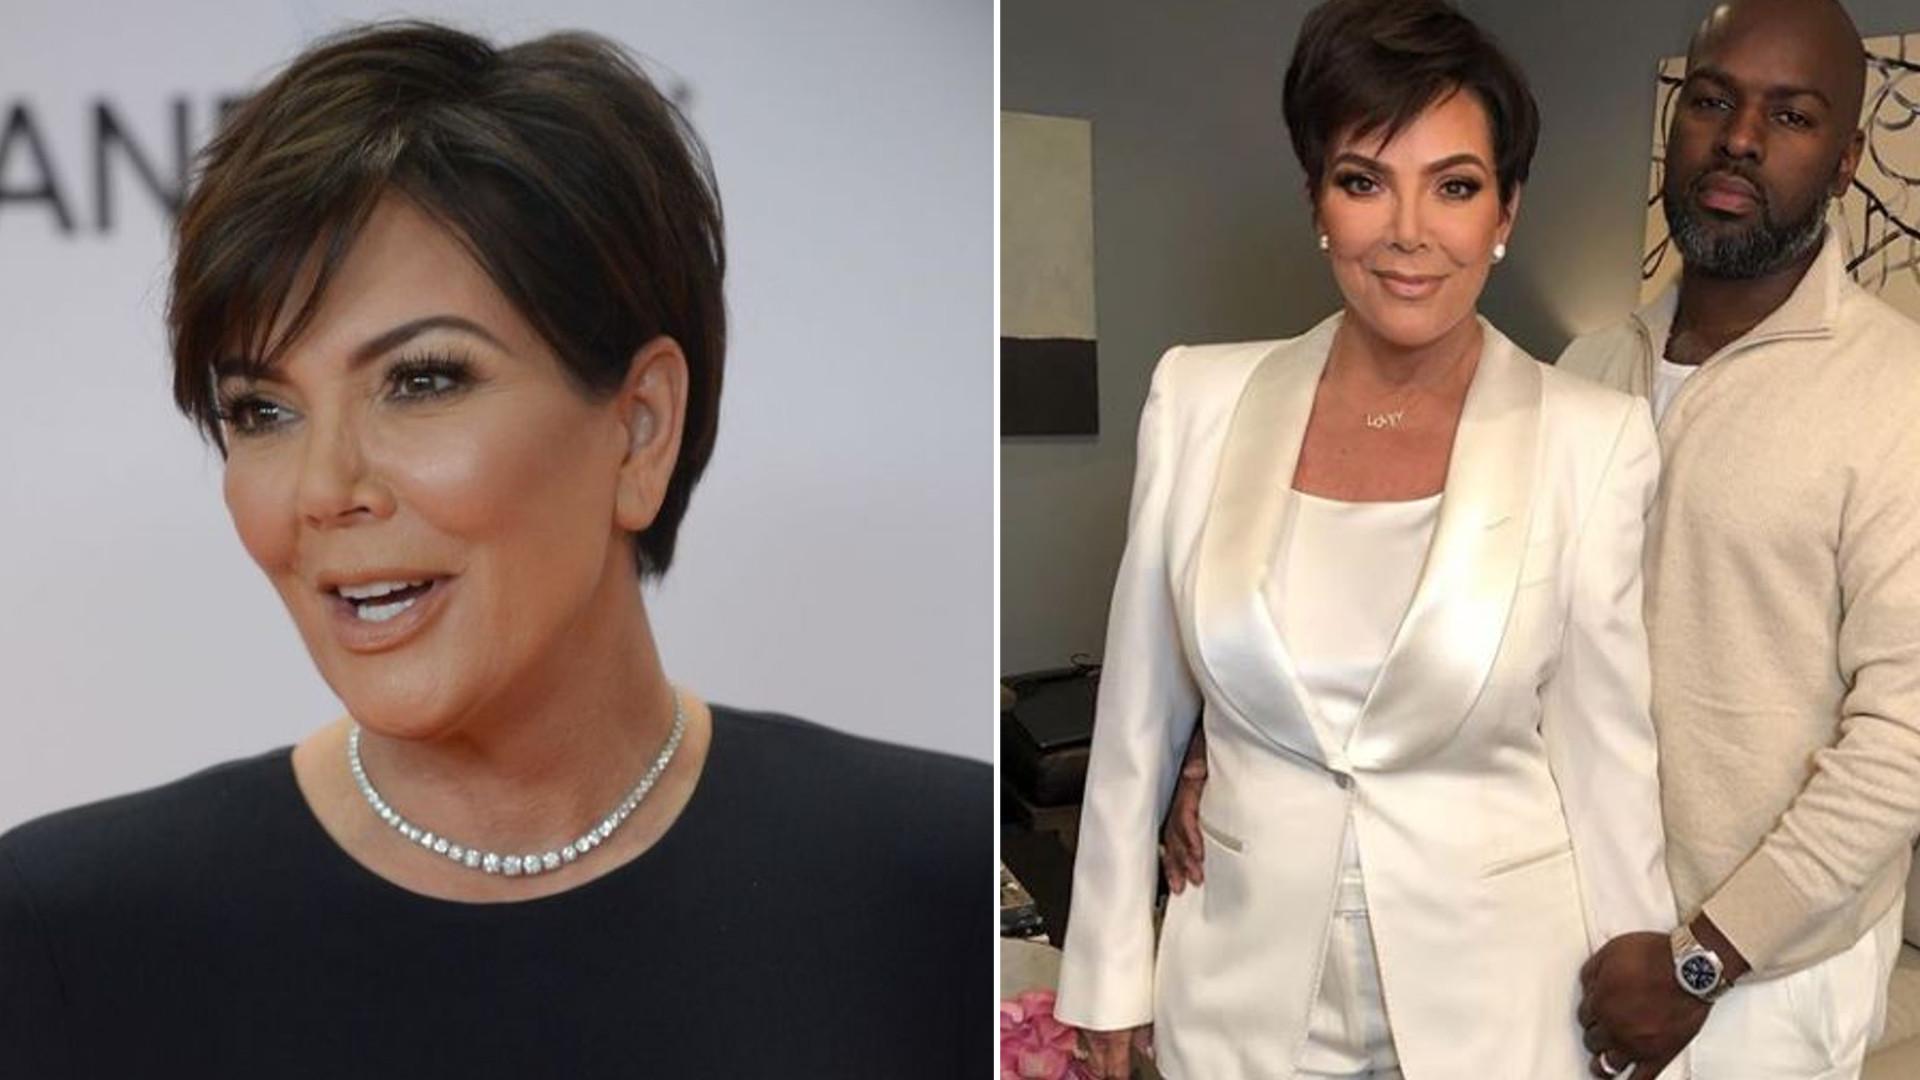 Kris Jenner jest w związku z Corey'em Gamble od 4 lat. Zaczęła zastanawiać się nad małżeństwem?